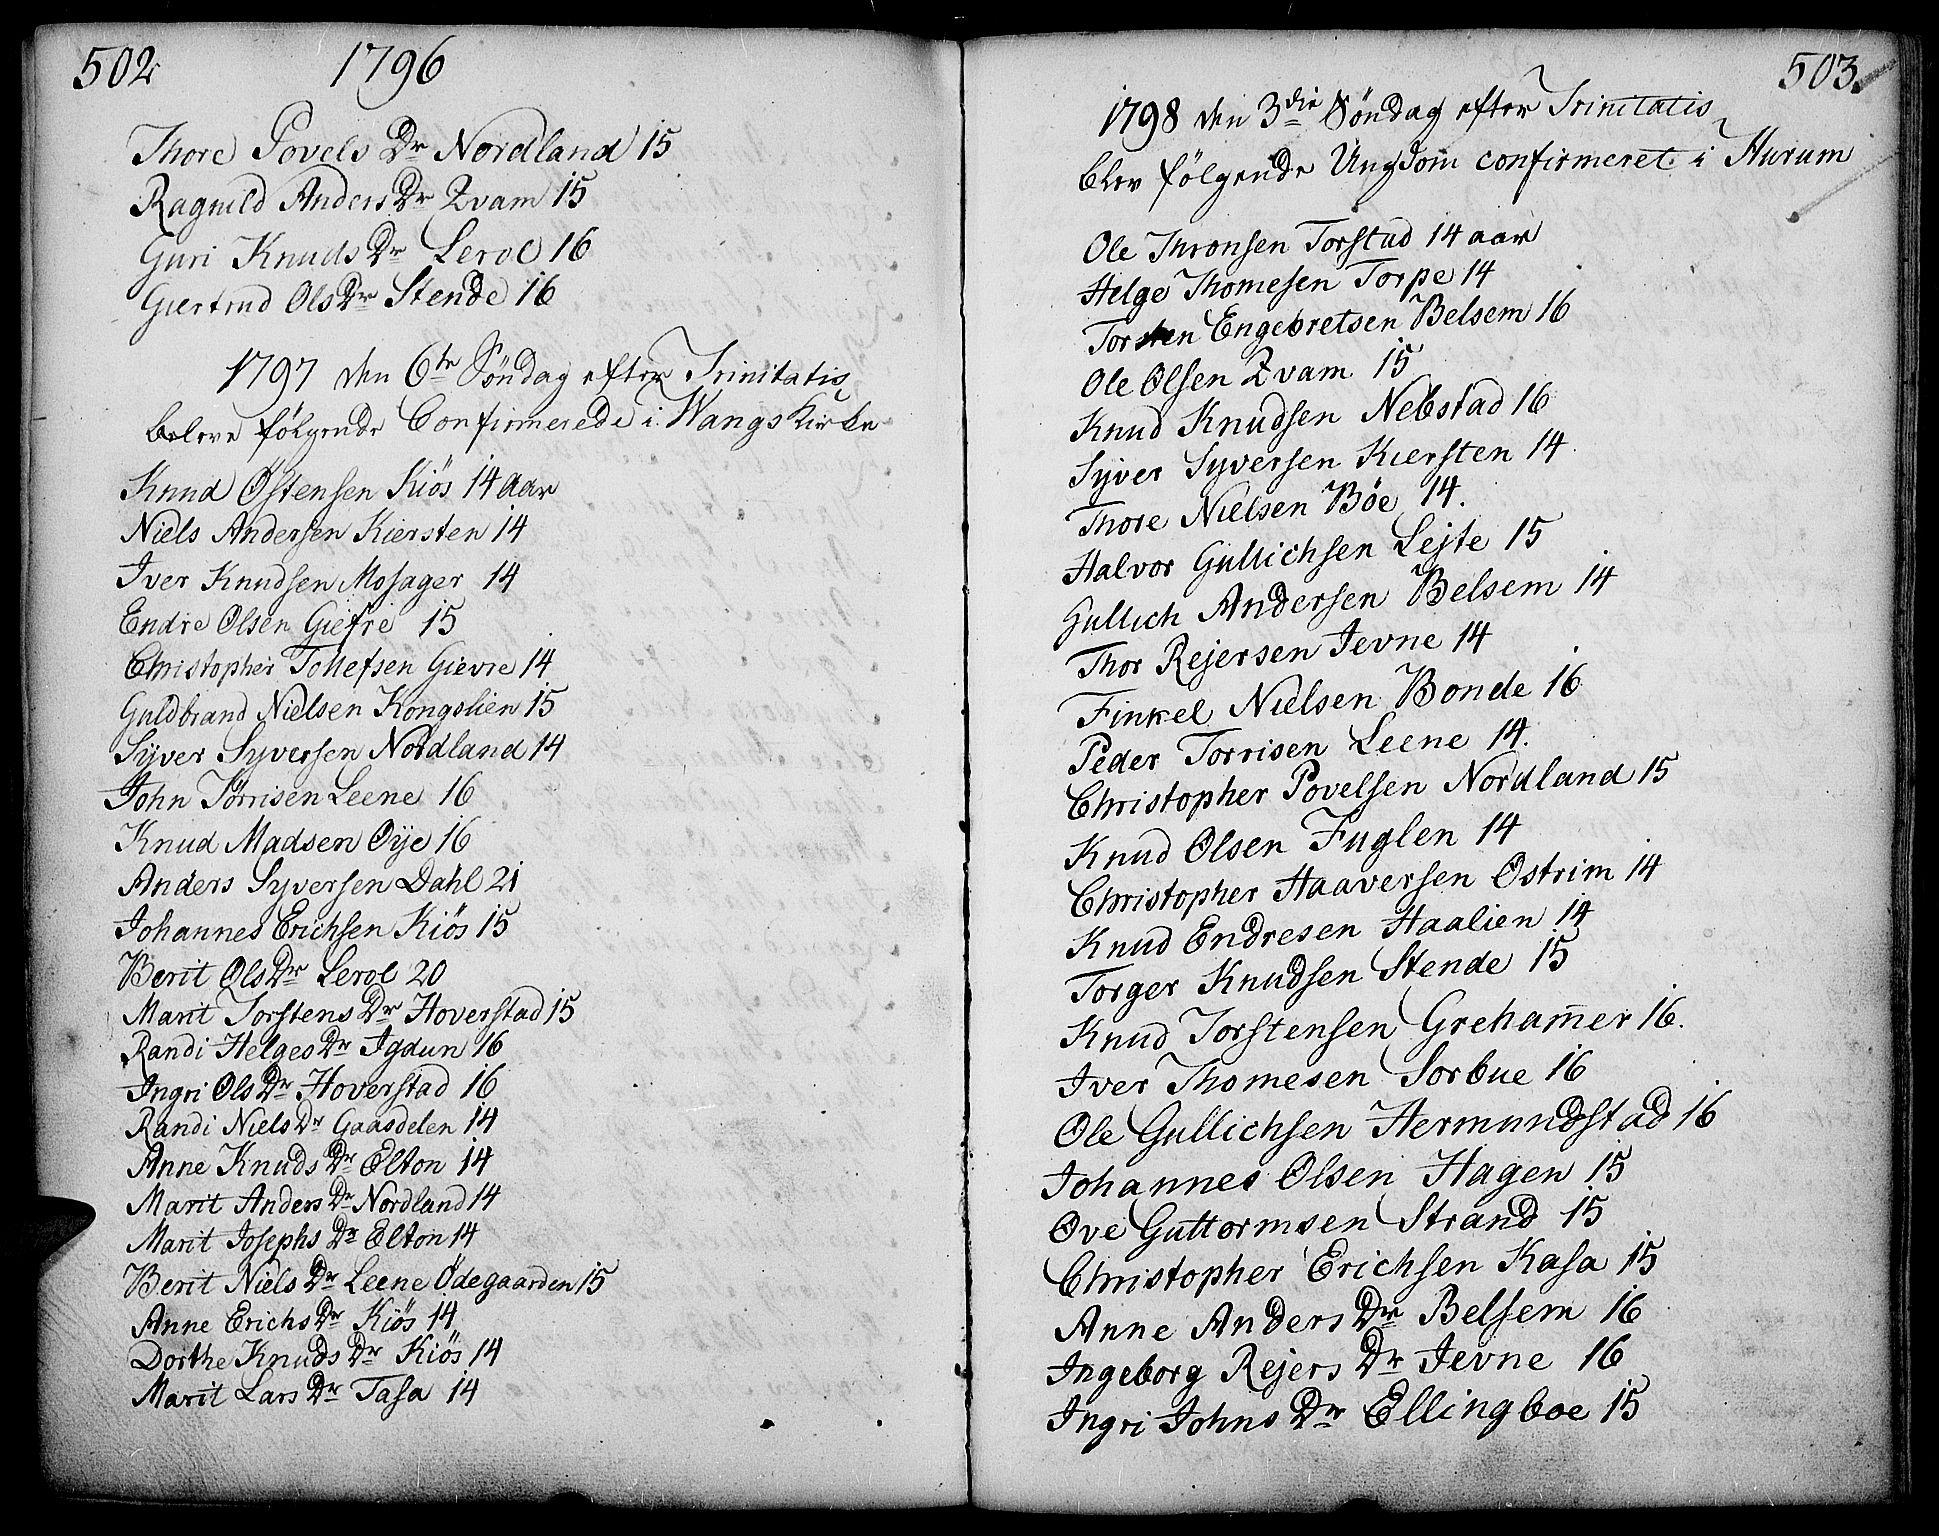 SAH, Vang prestekontor, Valdres, Ministerialbok nr. 2, 1796-1808, s. 502-503